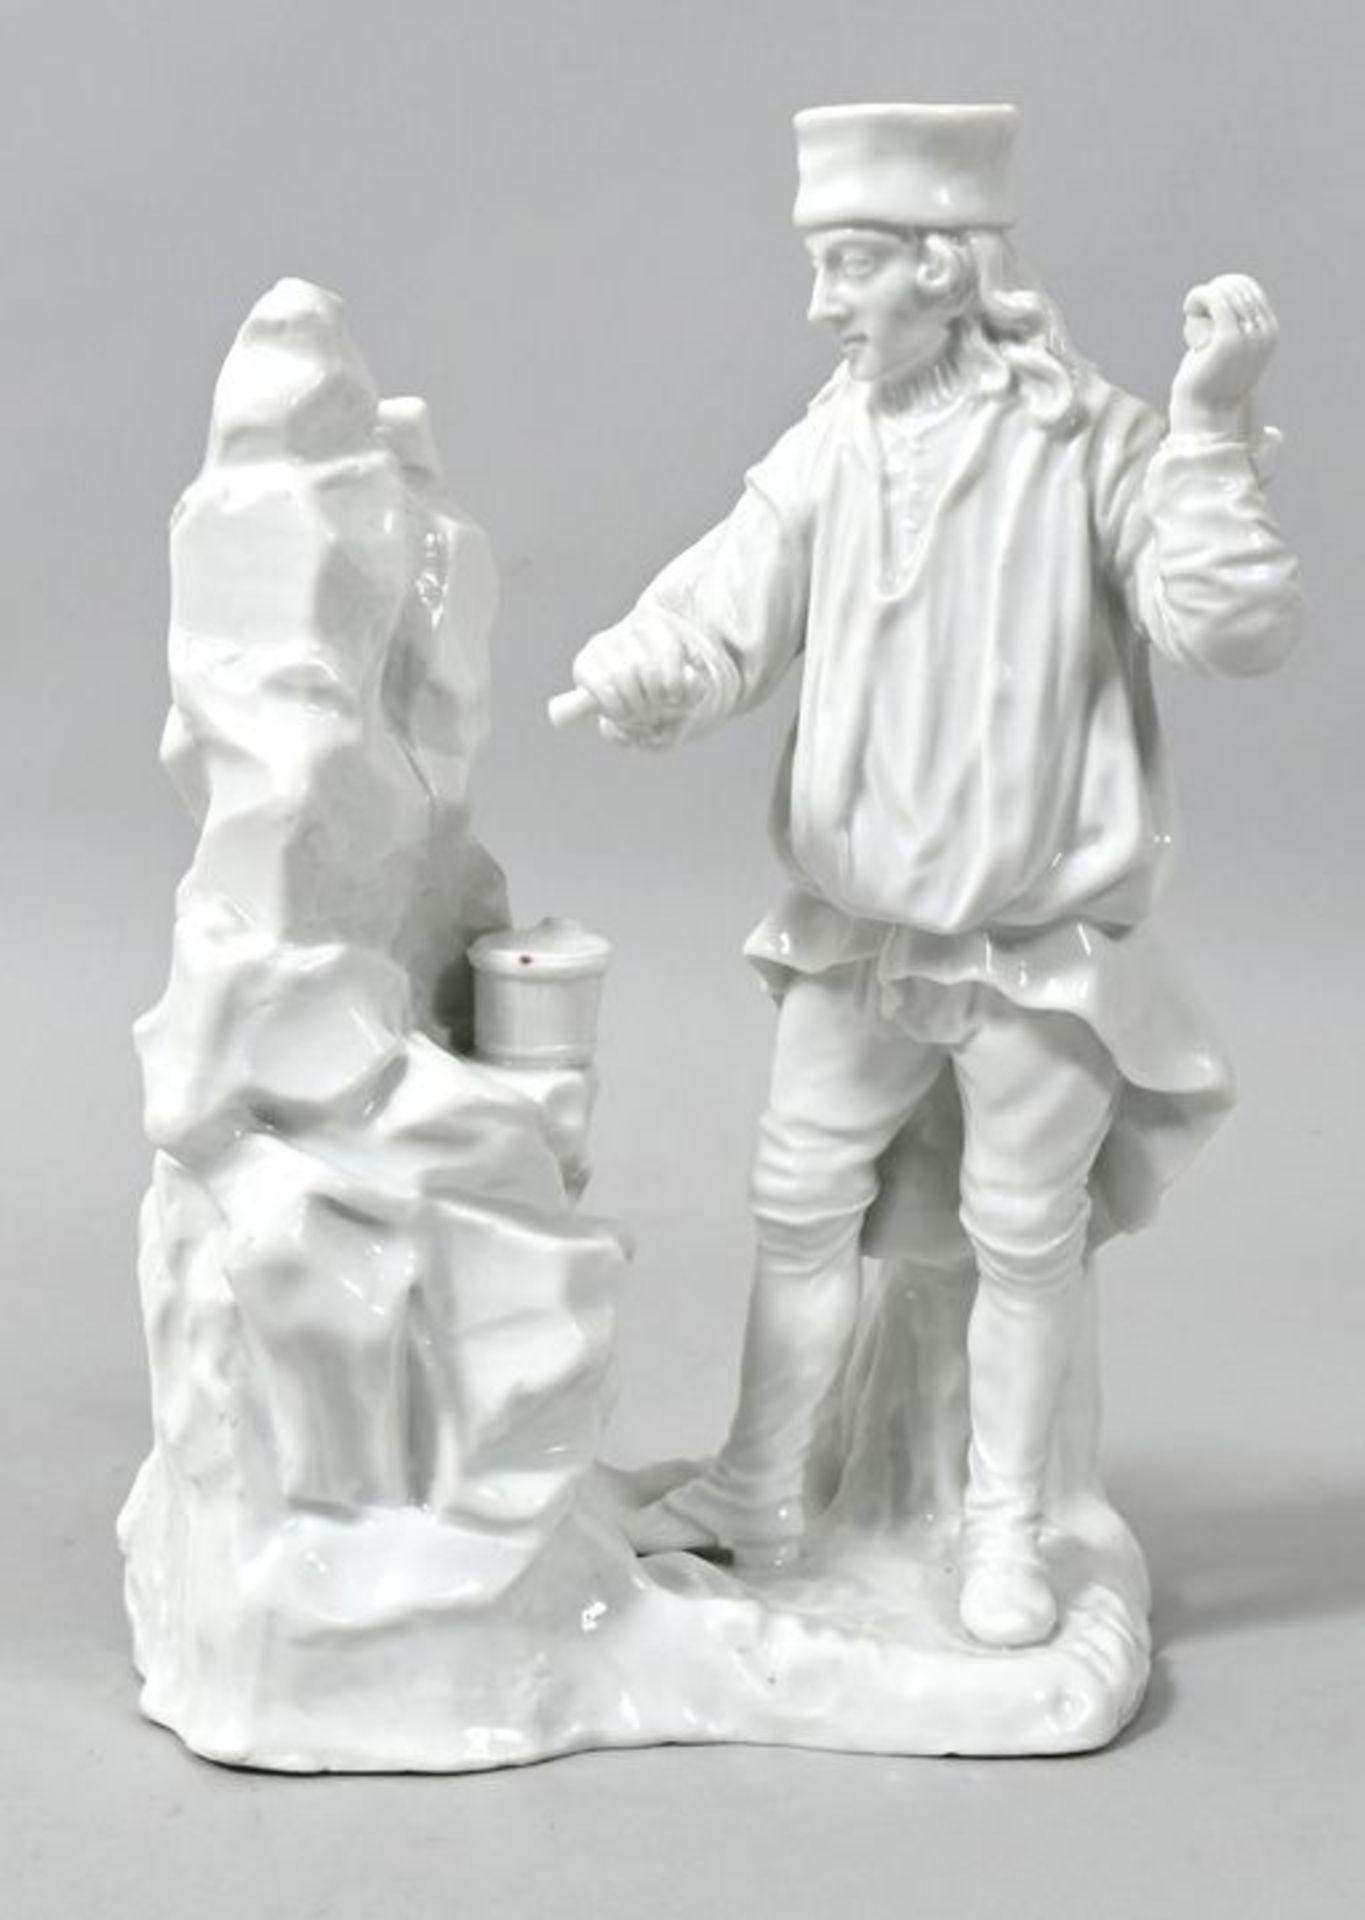 Porzellanfigur Einmannbohrer, Fürstenberg, 2. H. 18. Jh.Modell Simon Feilner, aus der Serie - Bild 2 aus 3